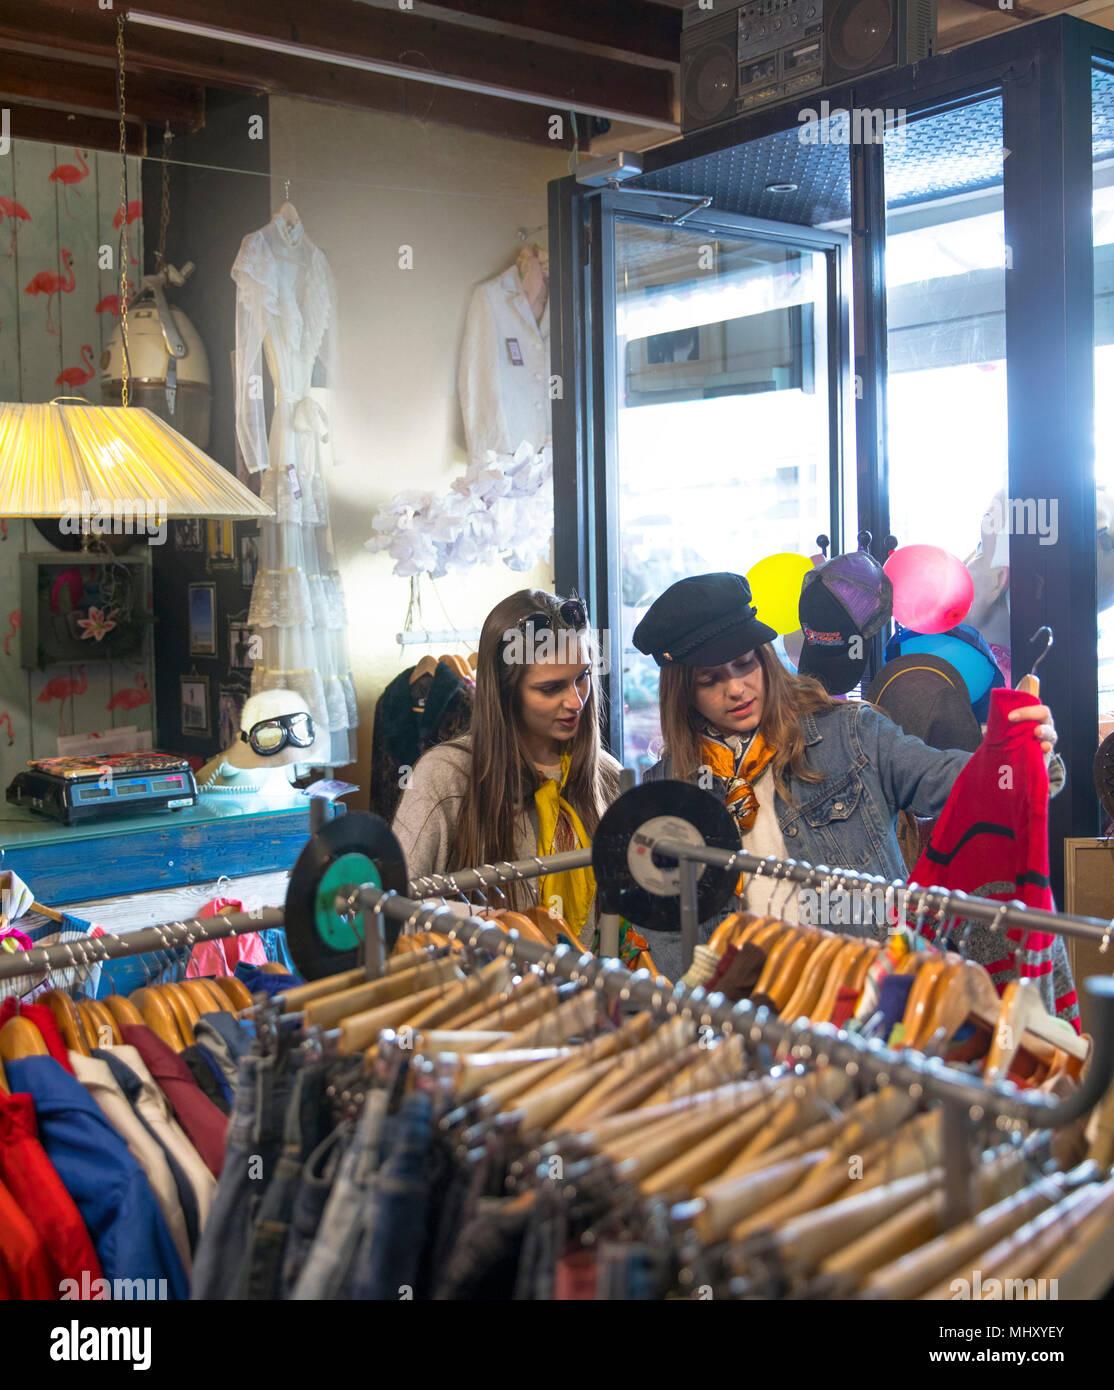 Amici navigando abbigliamento vintage parsimonia nel negozio Immagini Stock